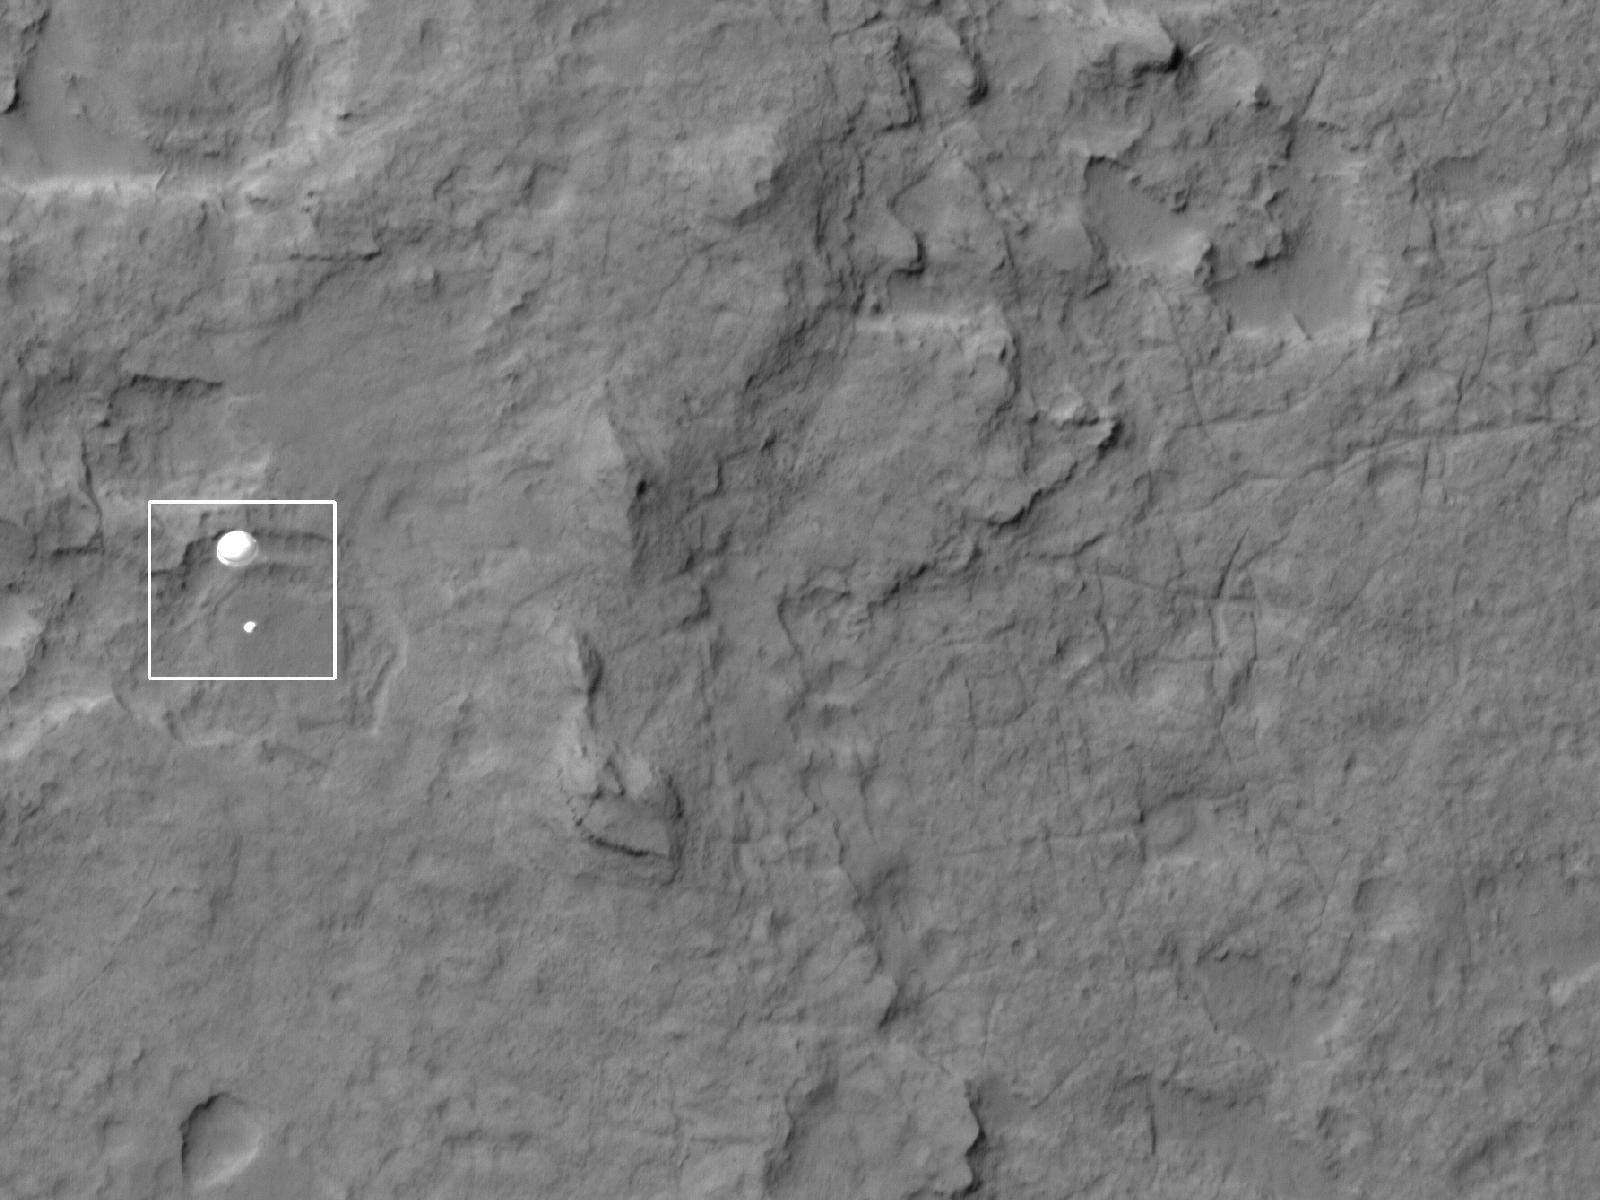 nasa curiosity rover landing - photo #21